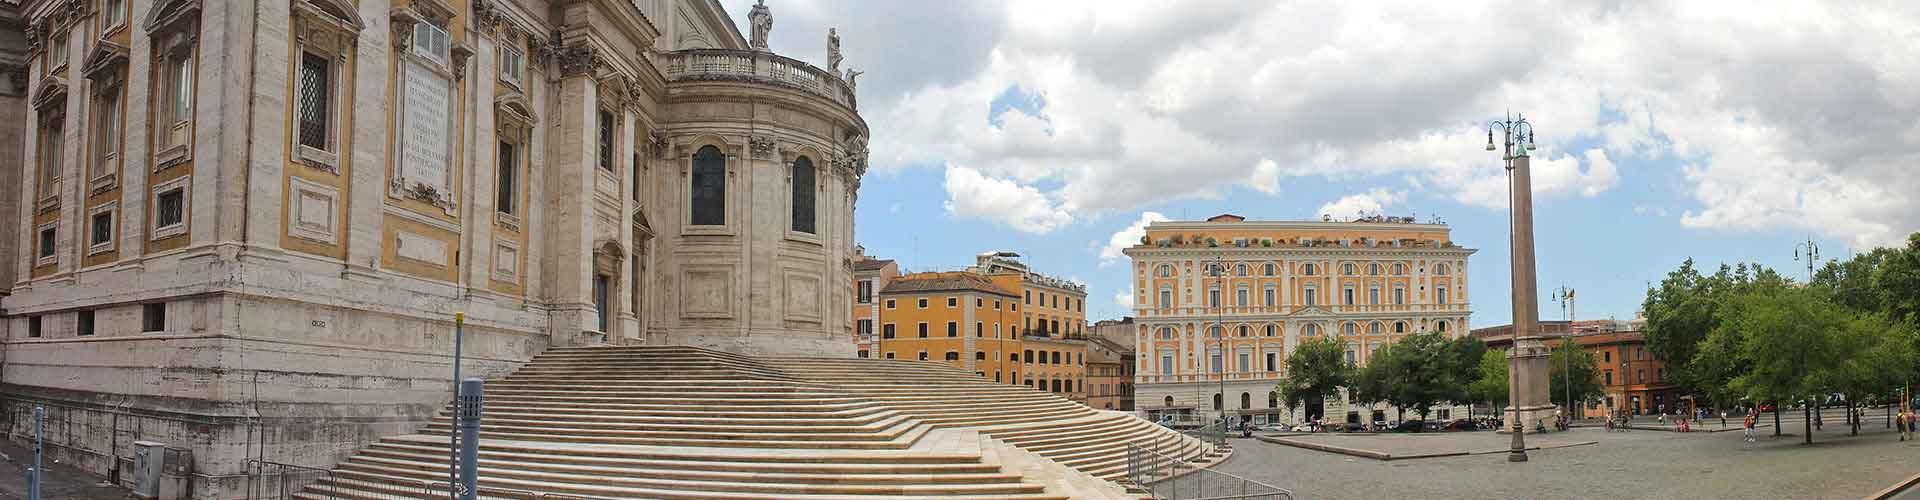 Rooma – Huoneet kaupungiosassa Esquilino. Rooma -karttoja, valokuvia ja arvosteluja kaikista Rooma -huoneista.